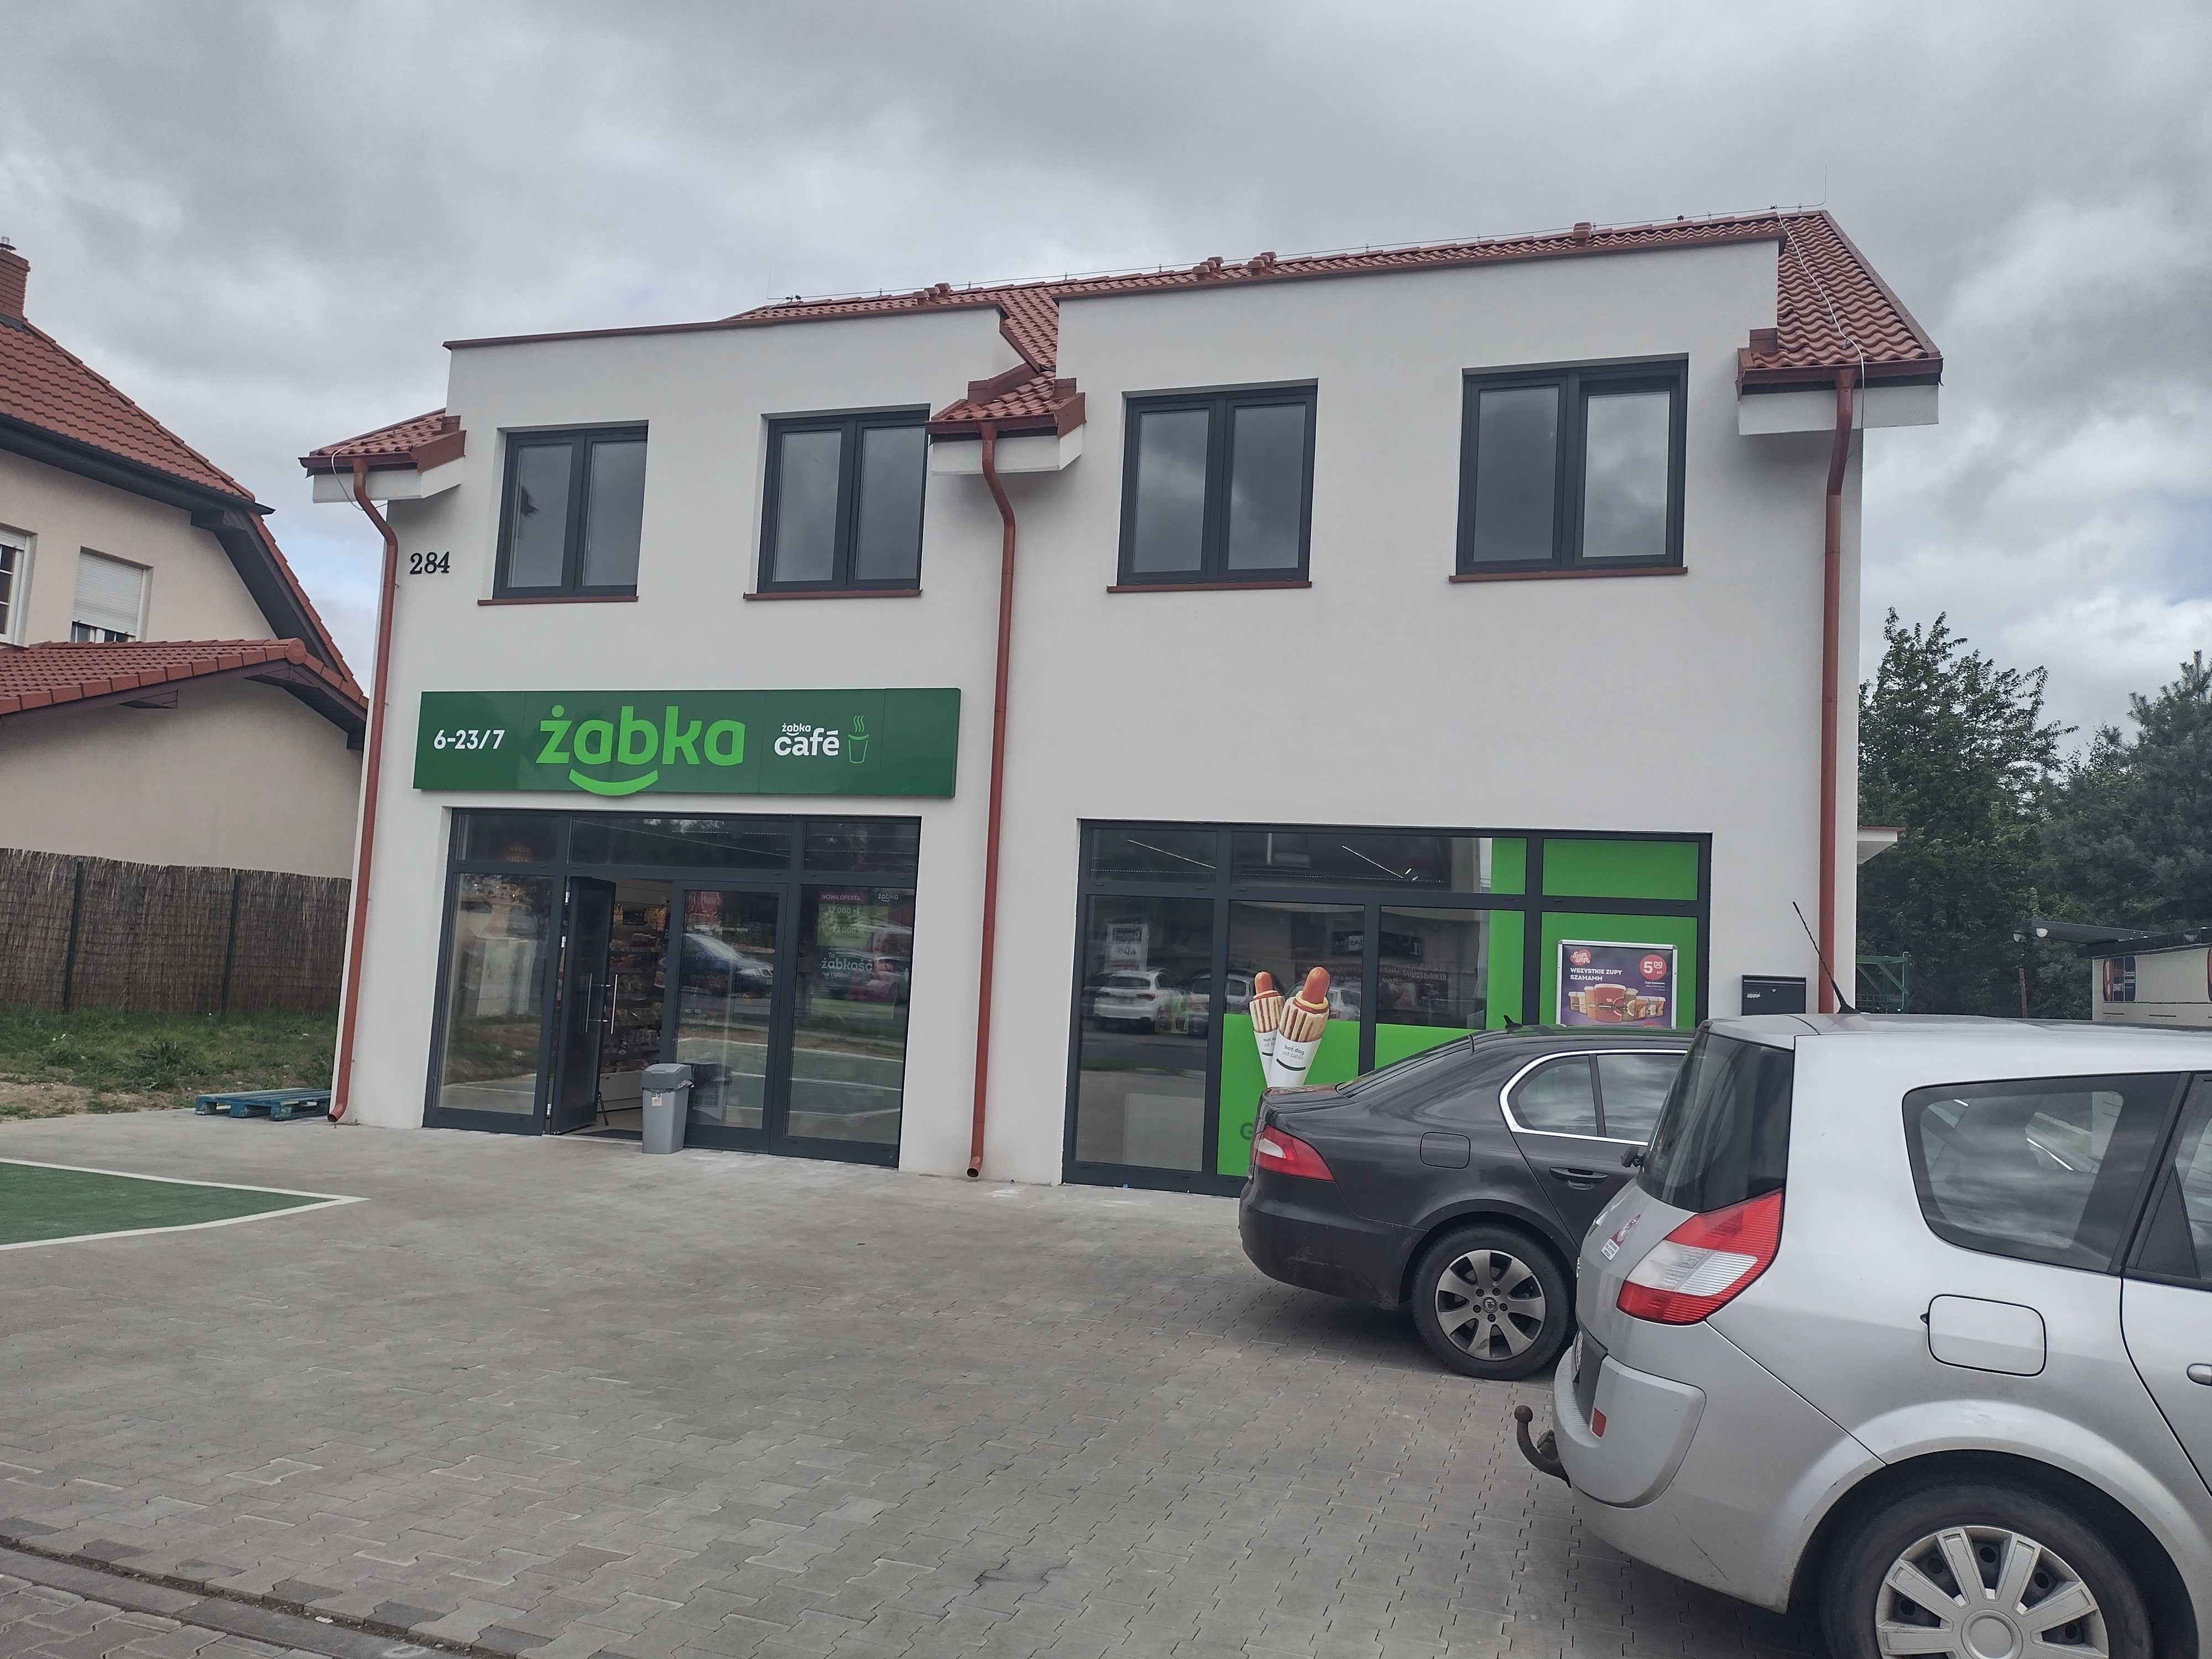 Lokal do wynajęcia Poznań Strzeszyńska/biuro, usługi, sklep